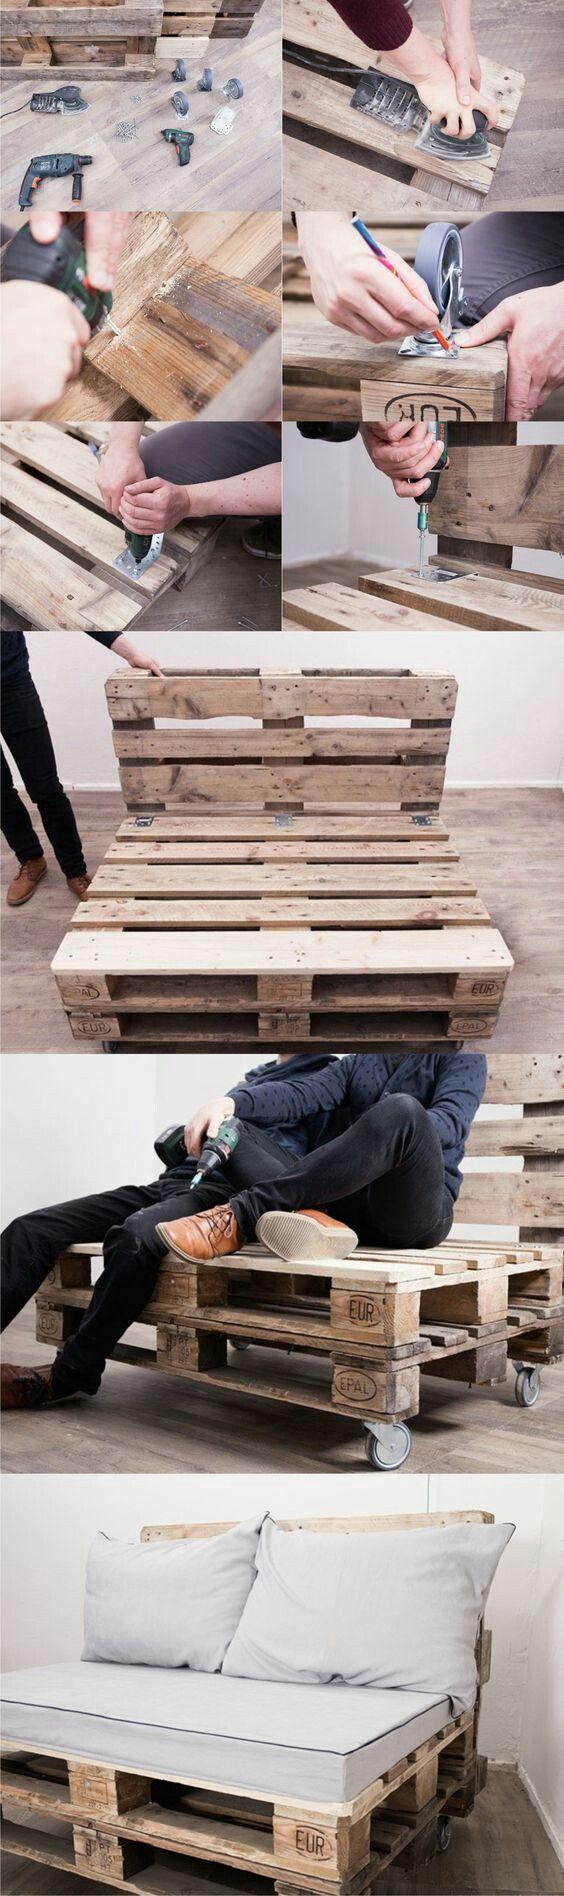 die besten 25 palettenkissen ideen auf pinterest paletten kissen balkon couch und kissen sofa. Black Bedroom Furniture Sets. Home Design Ideas